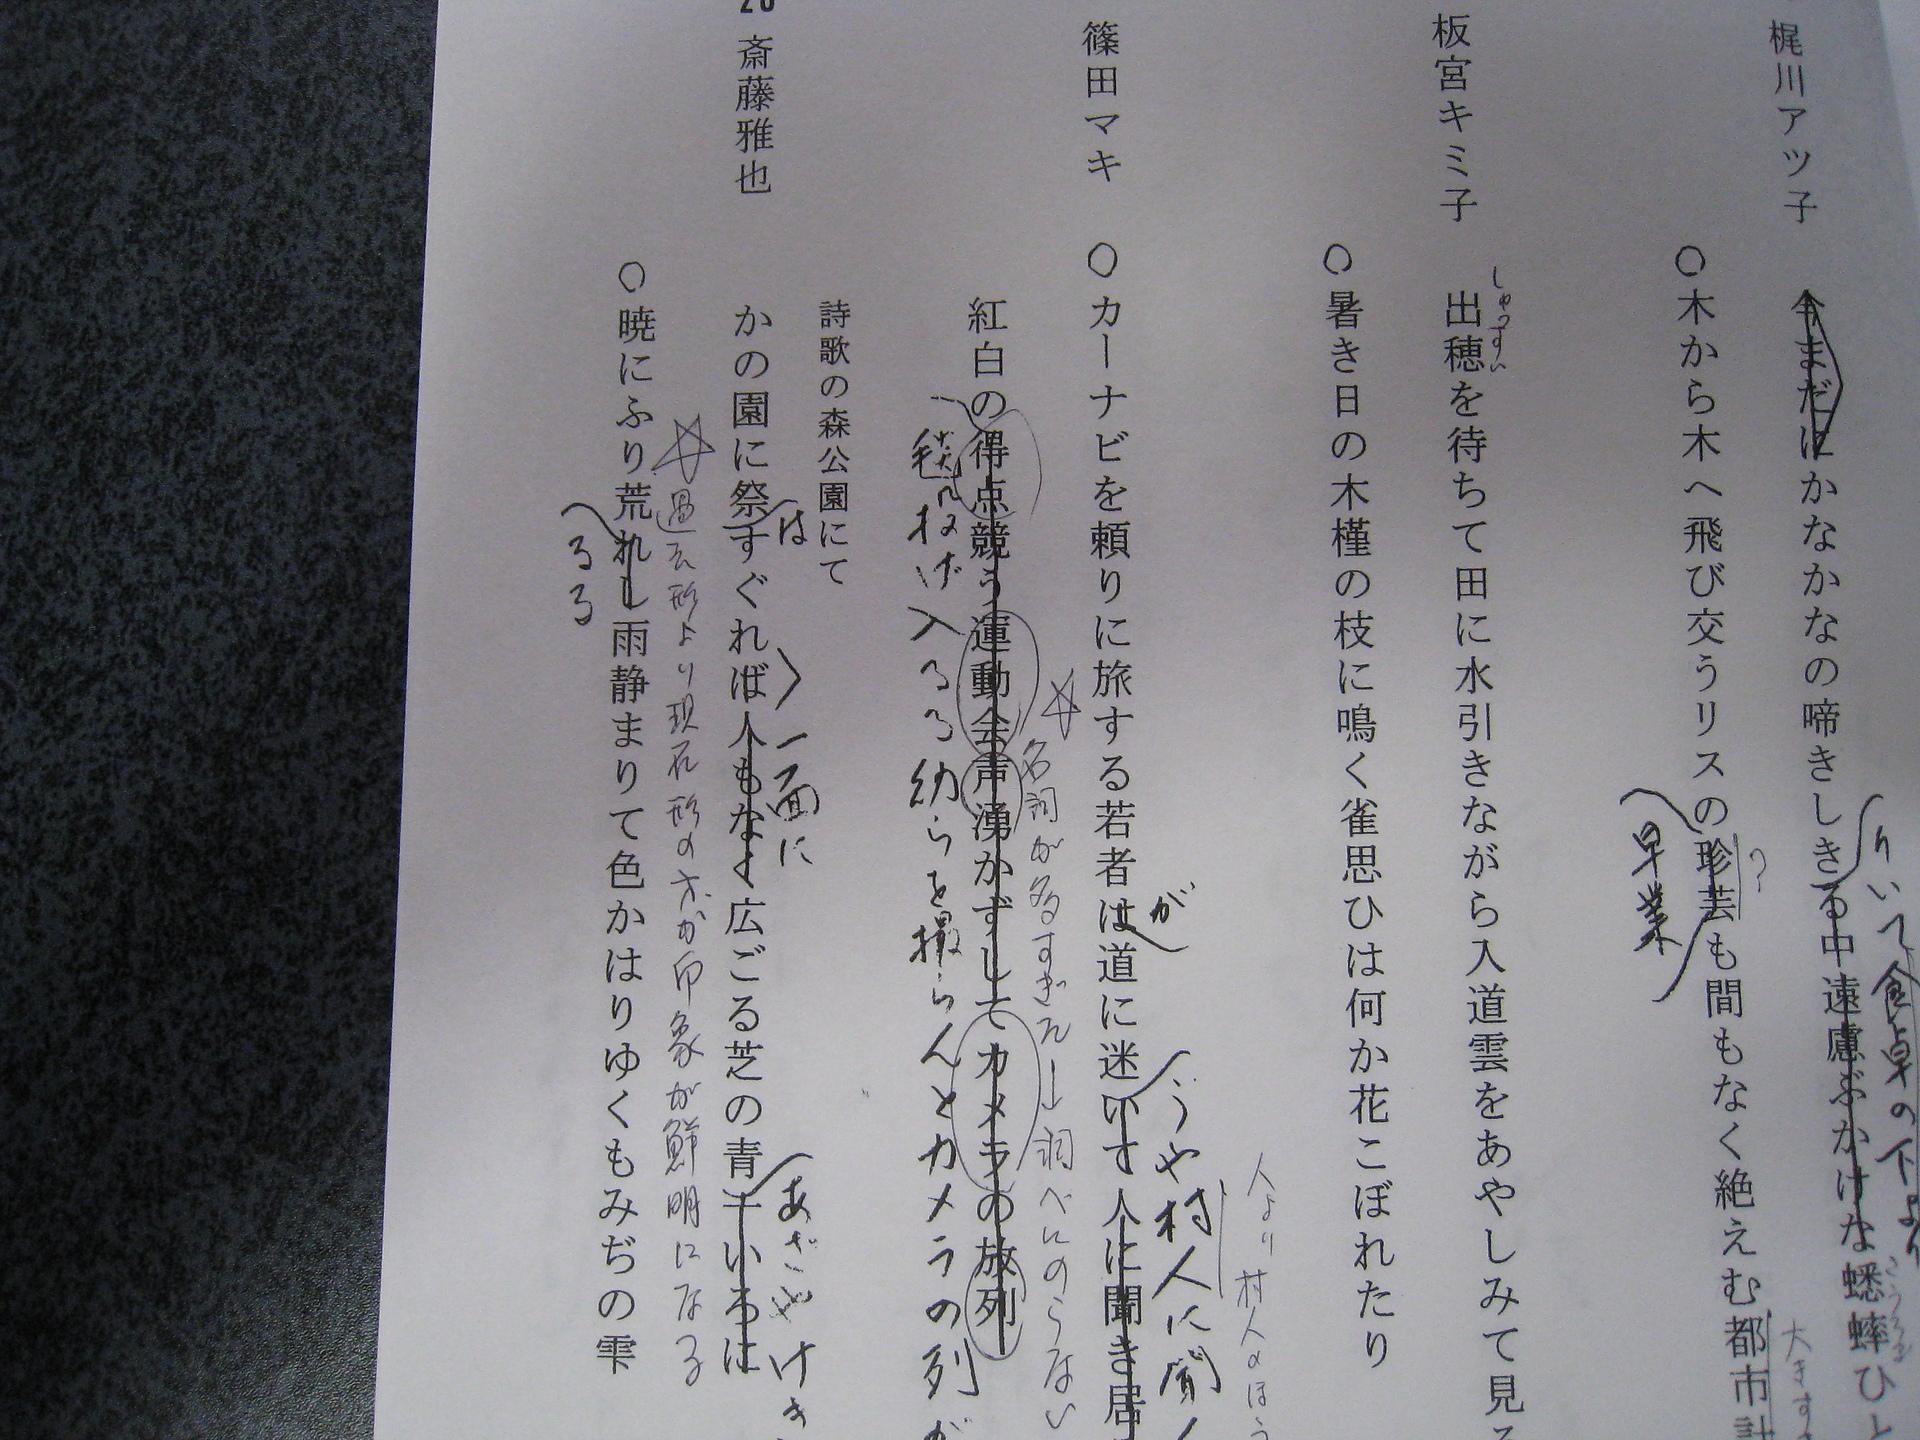 篠弘館長の短歌実作講座 : 雲は形を変えながら